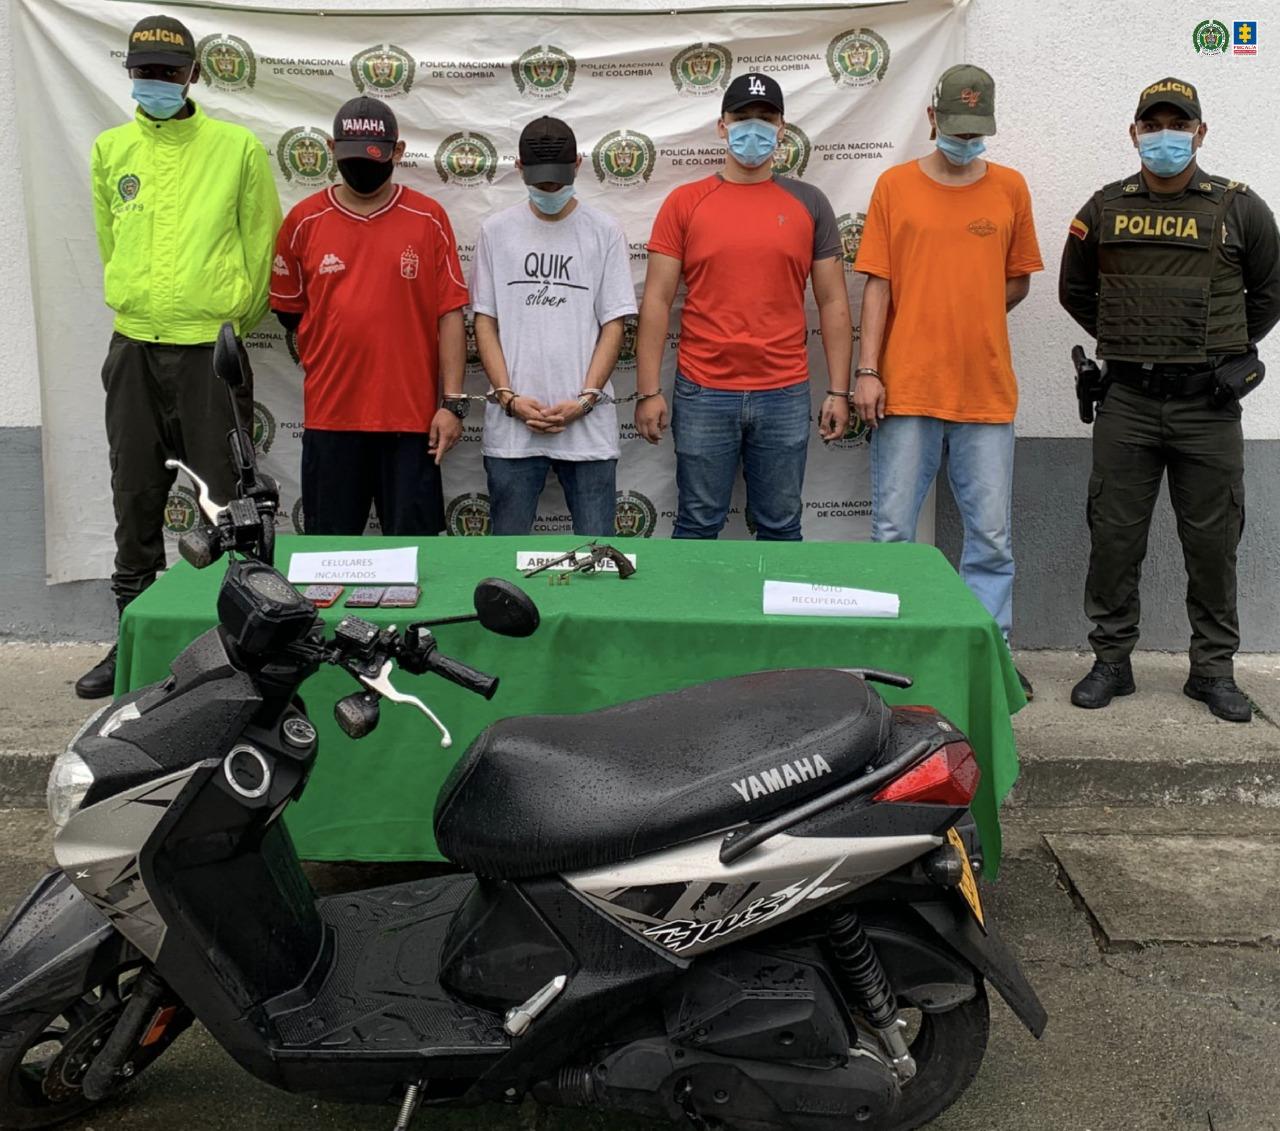 Judicializadas cuatro personas por fabricación, tráfico, porte o tenencia de armas de fuego - Noticias de Colombia